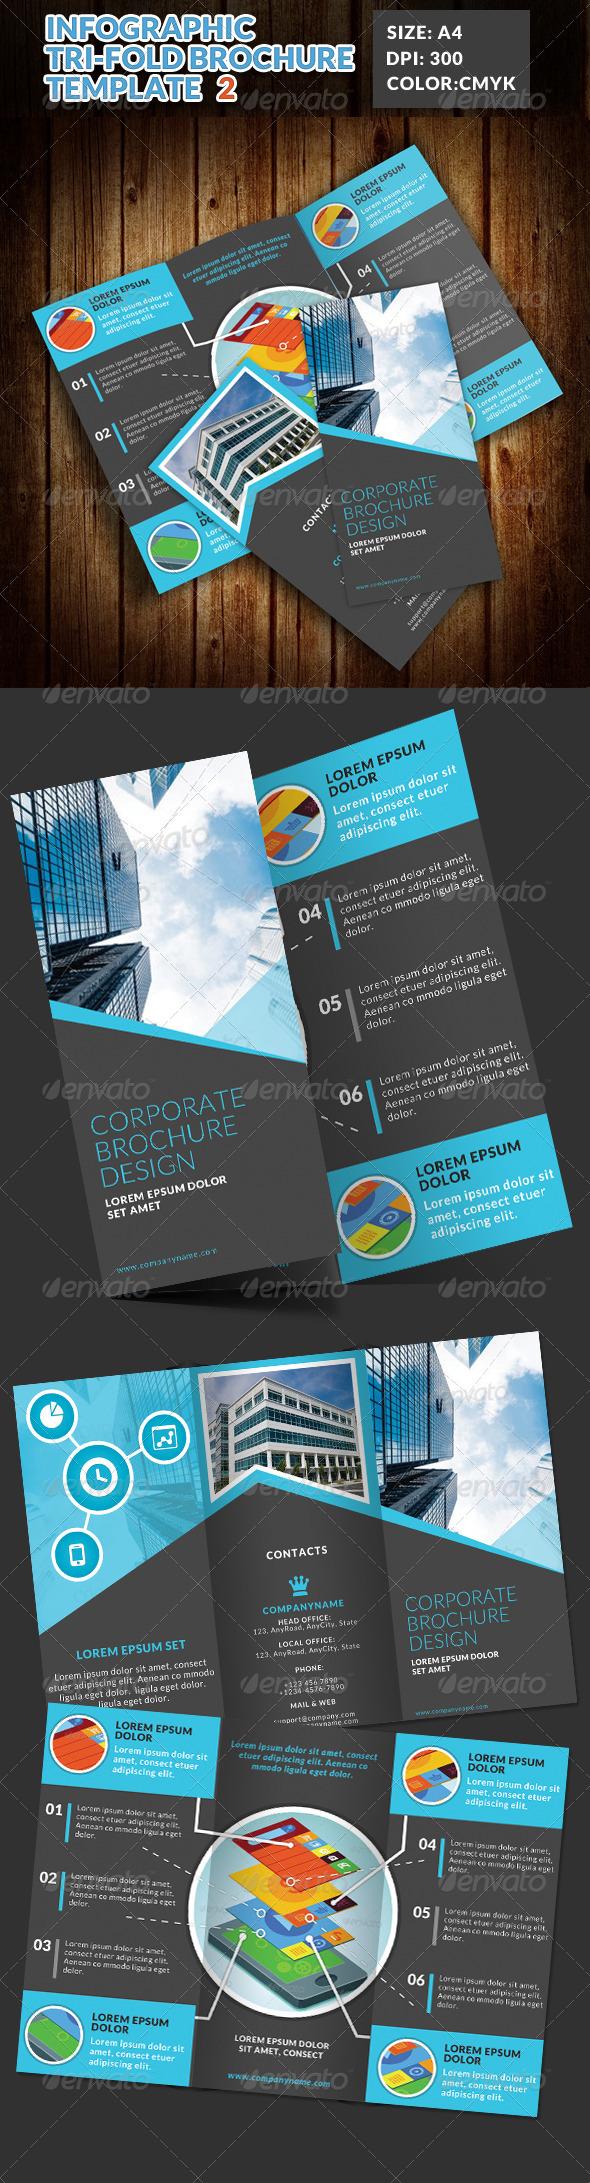 GraphicRiver Infographic Corporate Tri Fold Brochure 2 7646193